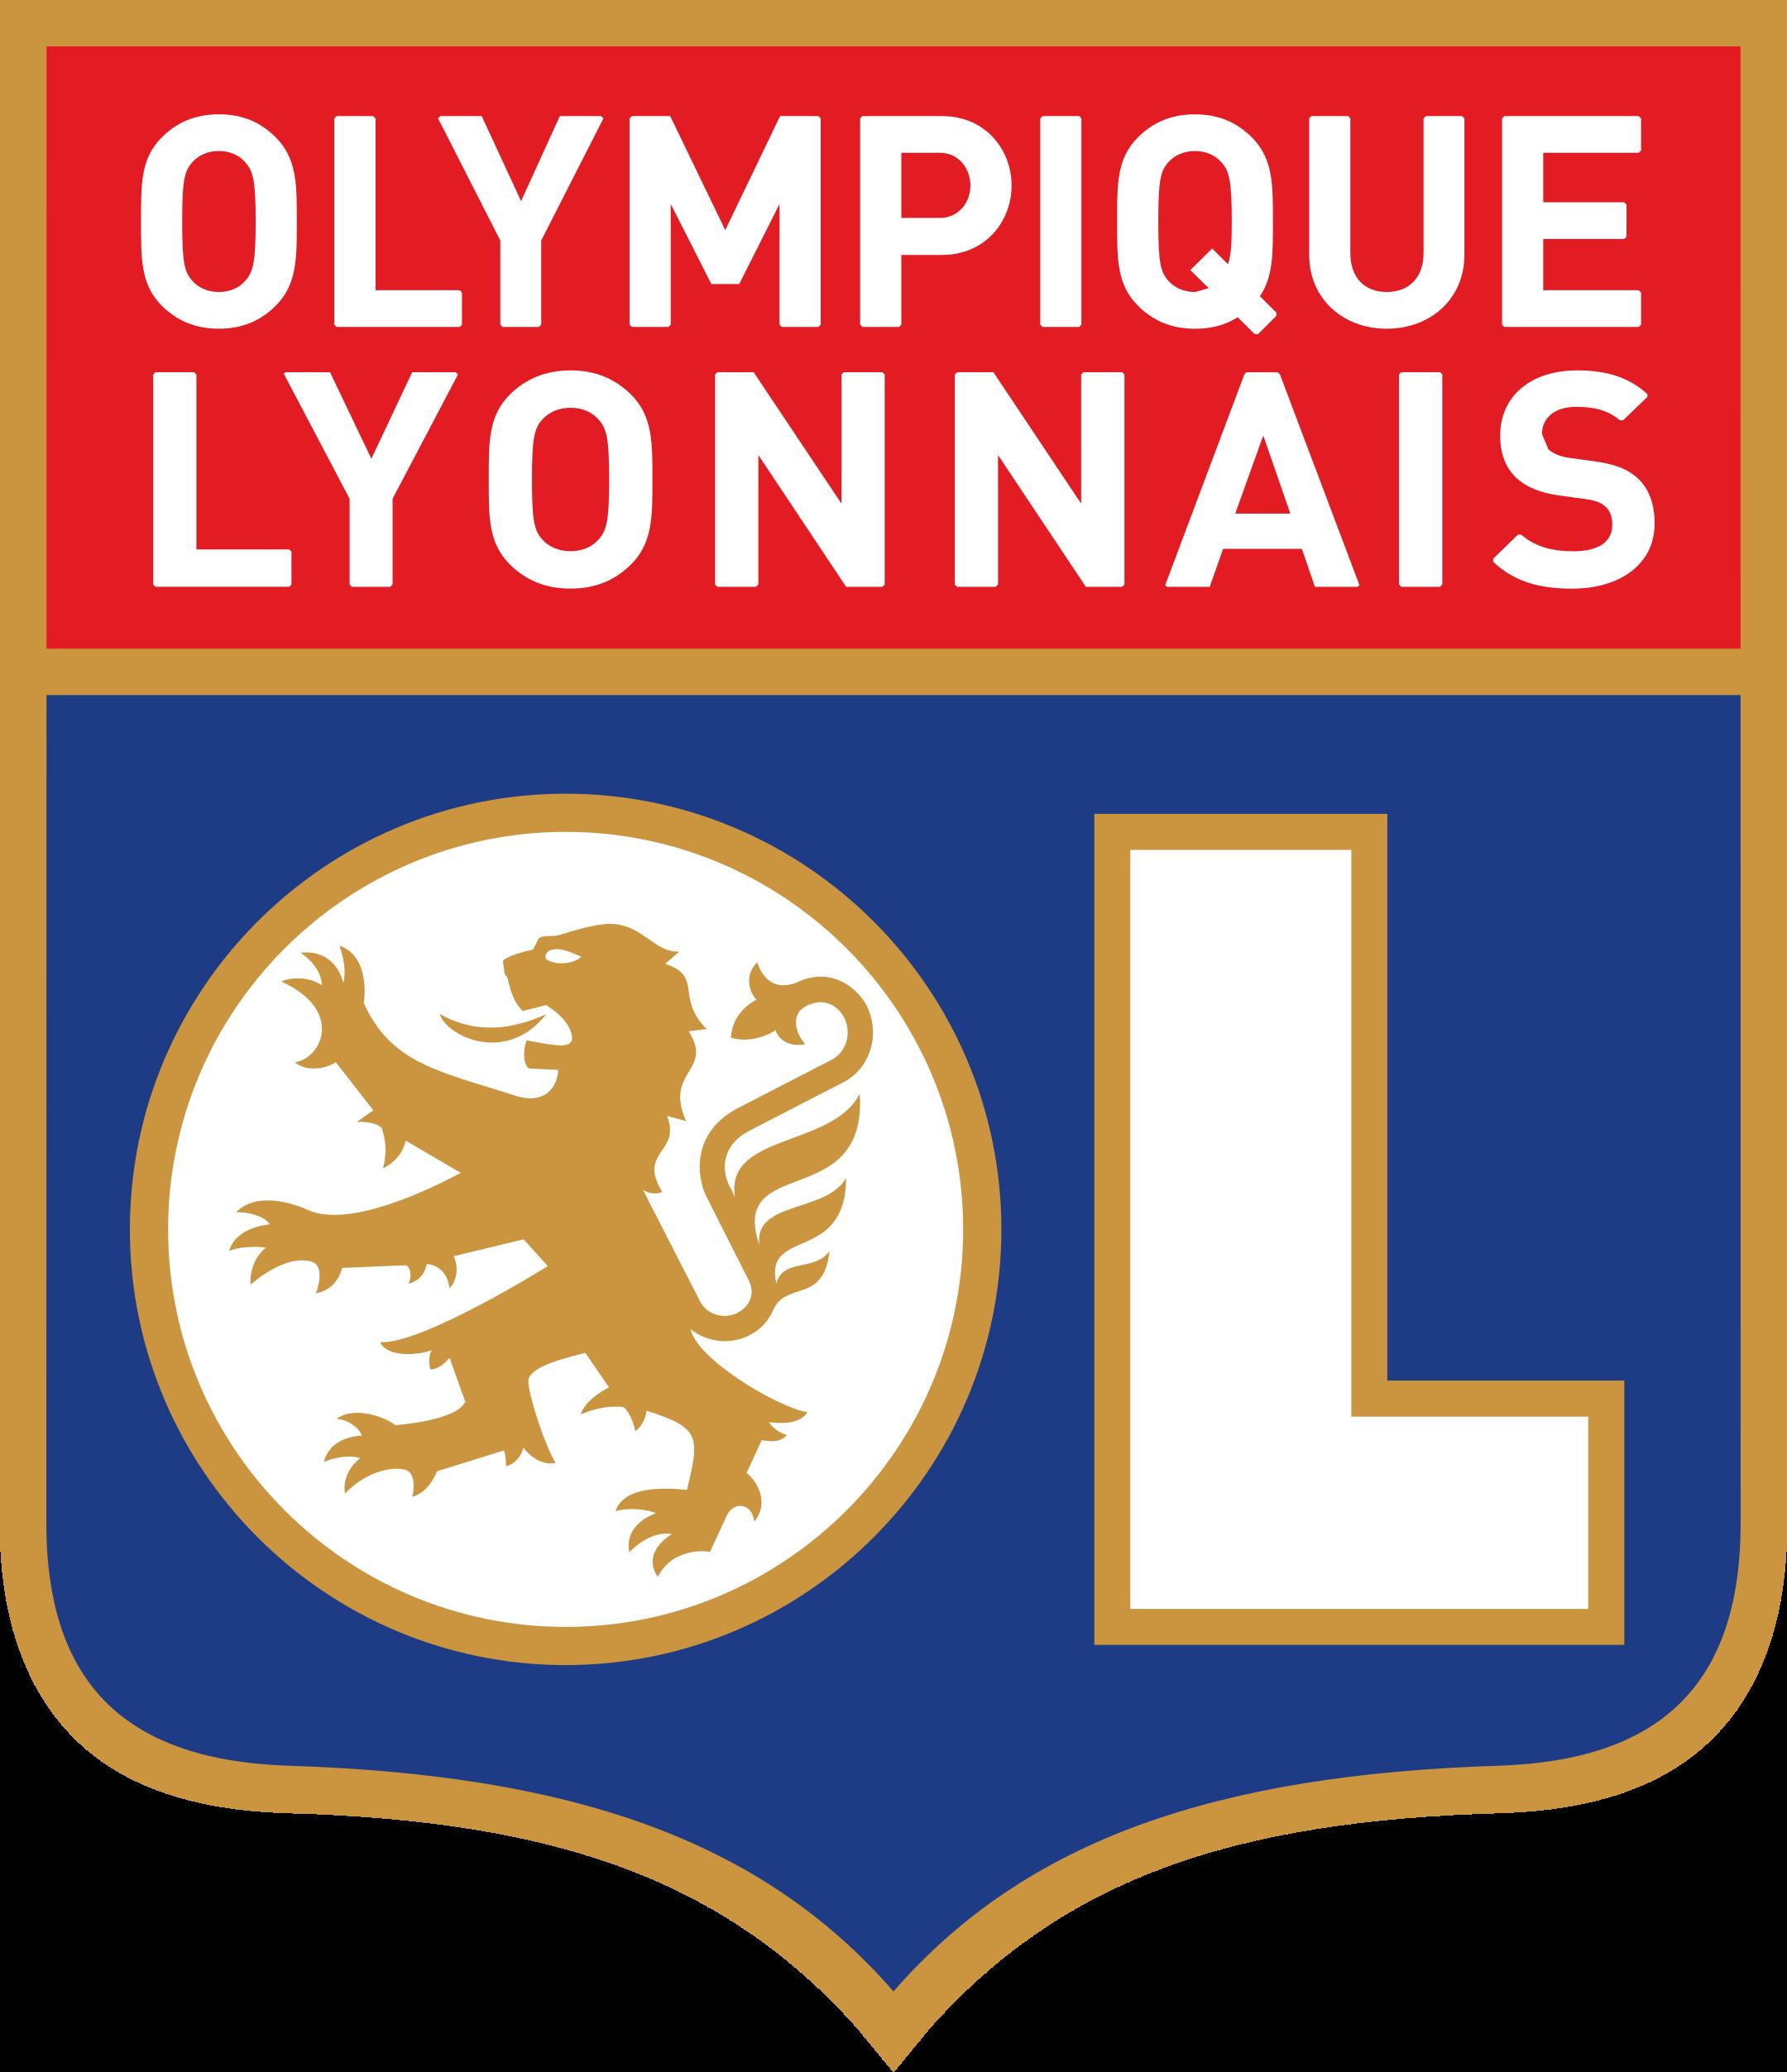 lyon logo 1 - Lyon Logo - Olympique Lyonnais Logo